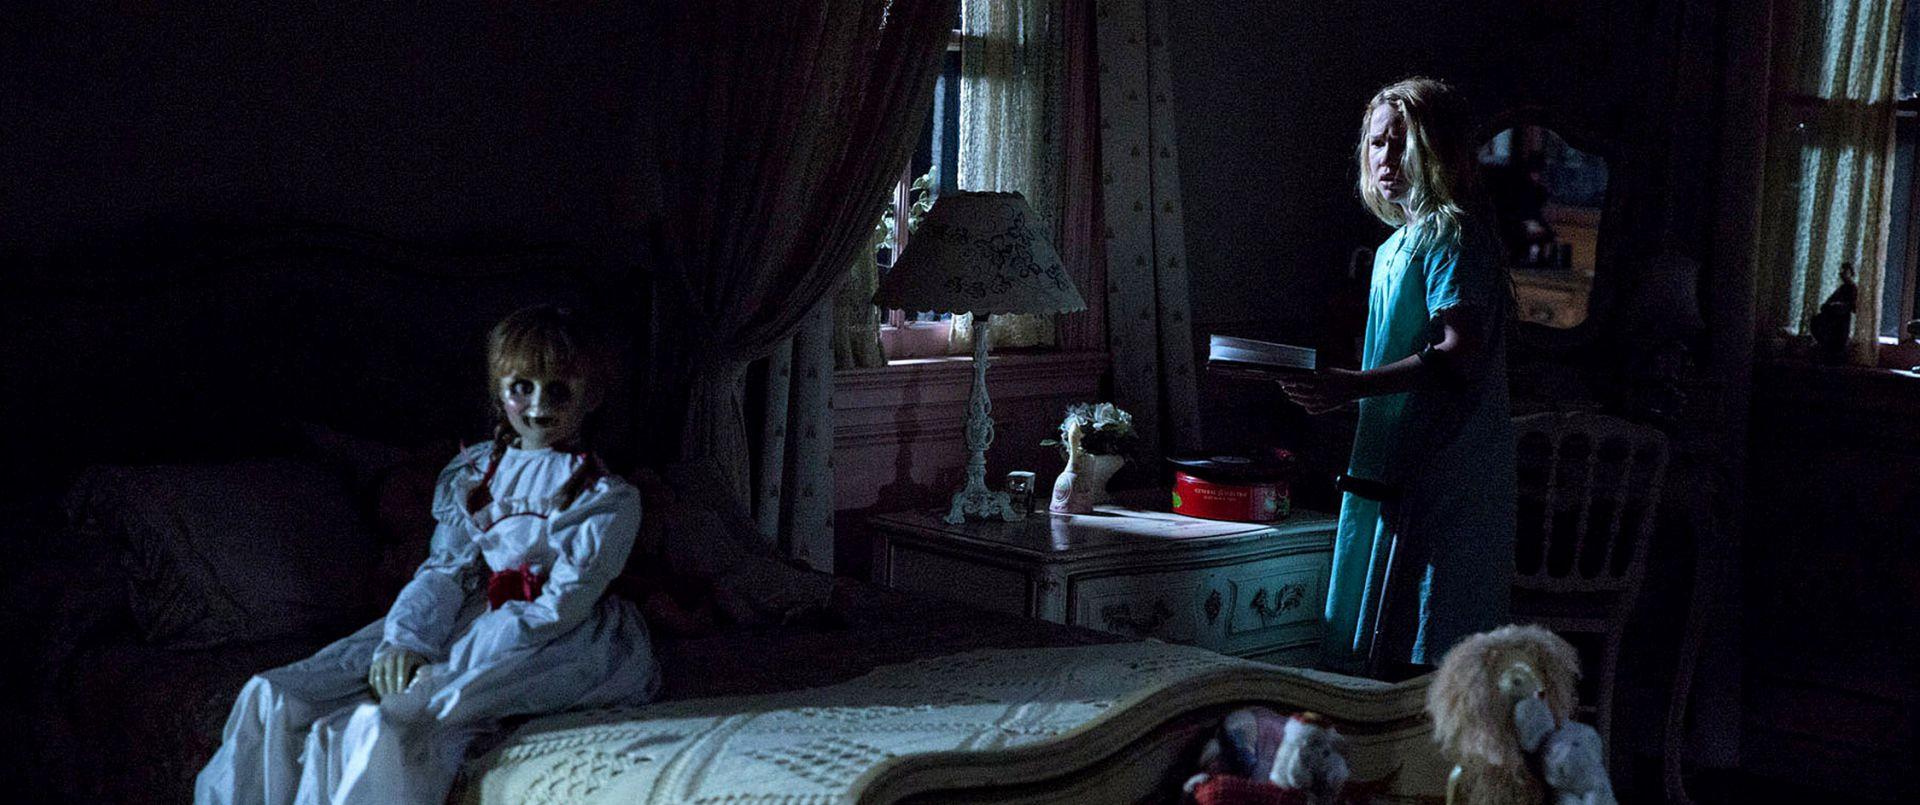 В комнате сидела кукла Кукла Аннабель